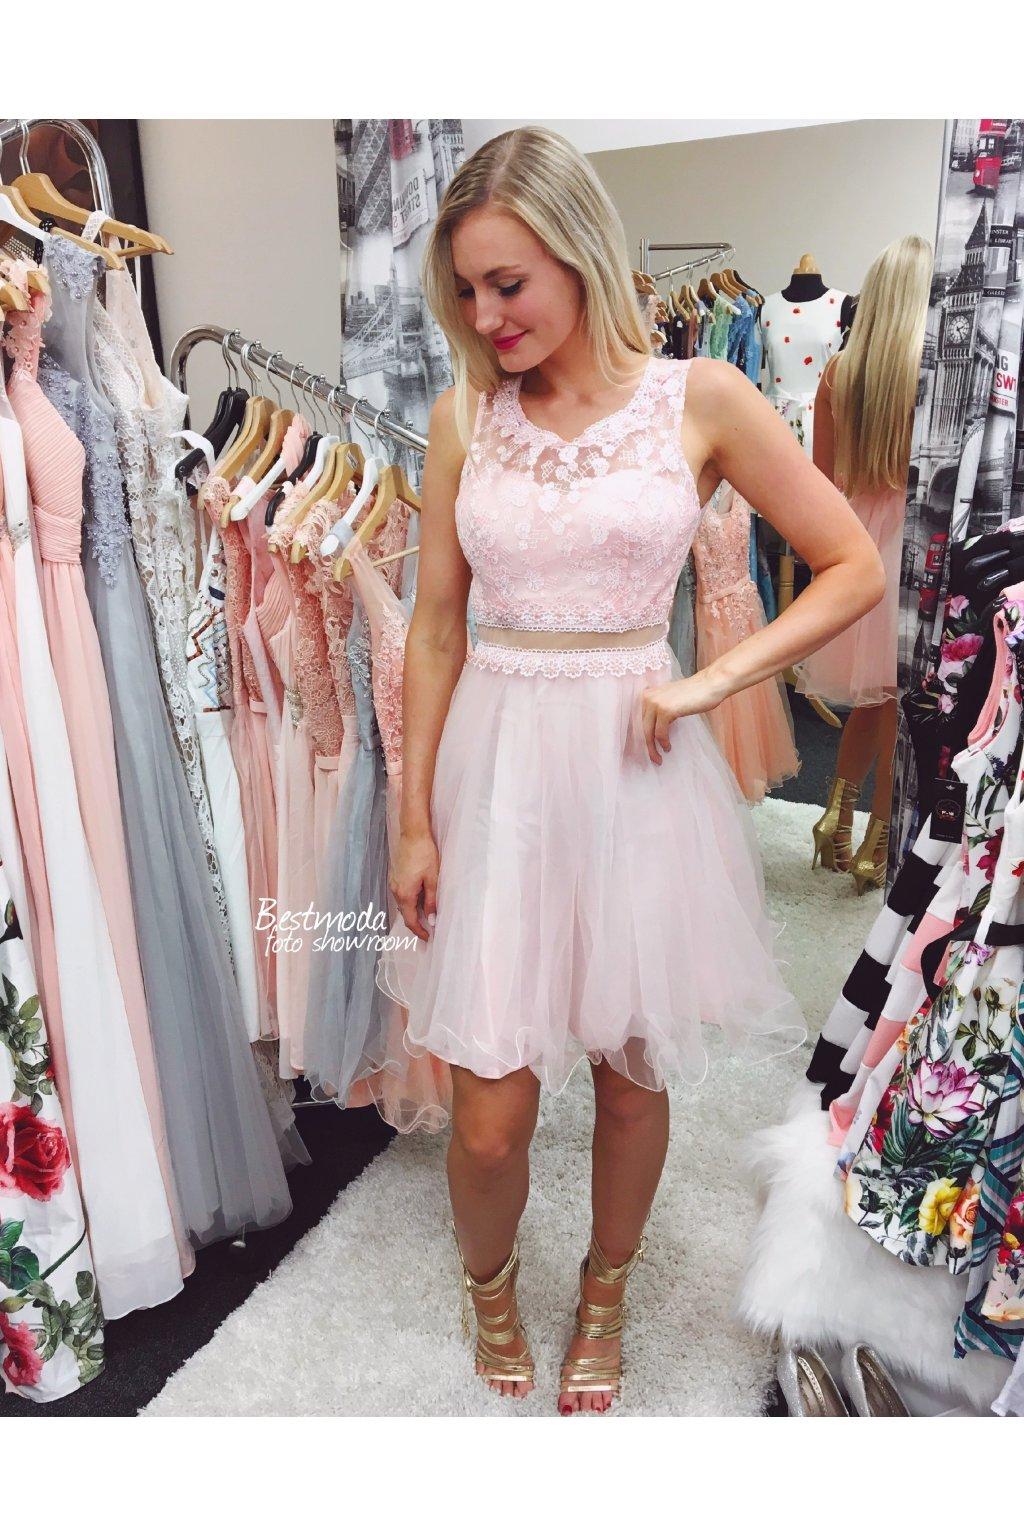 Růžové koktejlové šaty Charms by Paris - Bestmoda 3f7e02bb9fb